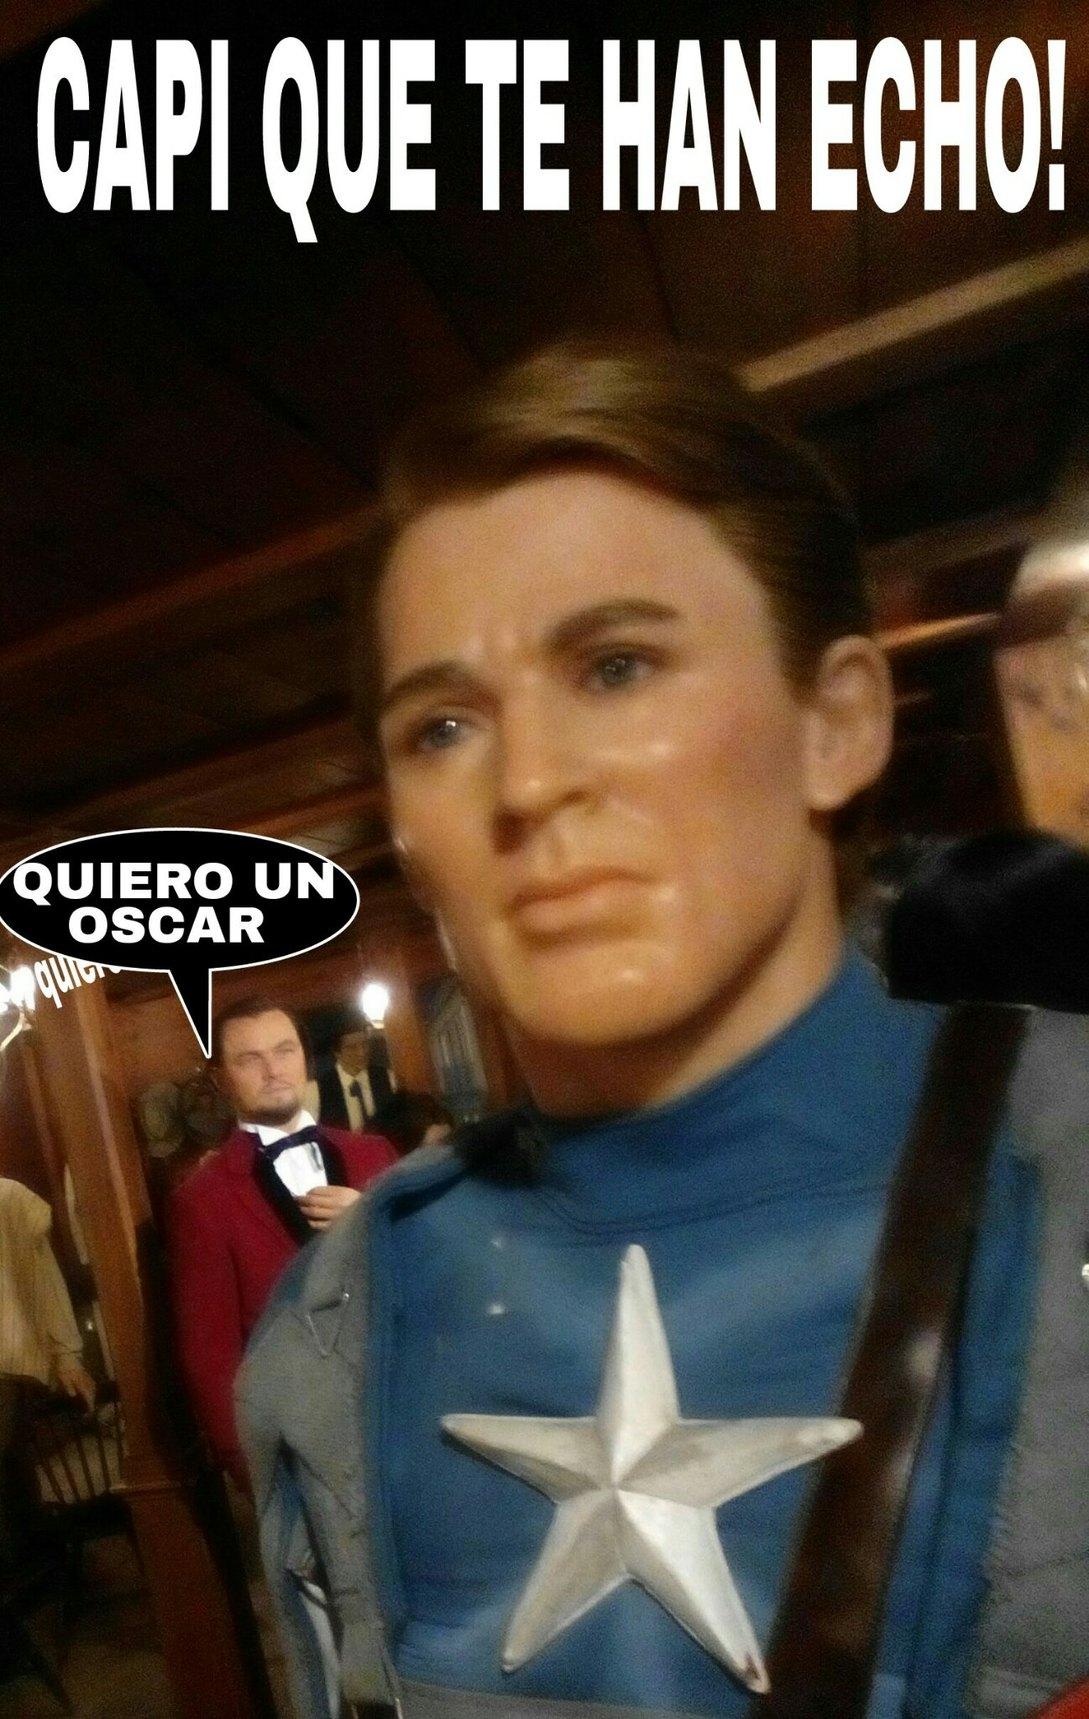 Museo de cera de Madrid *facepalm* - meme